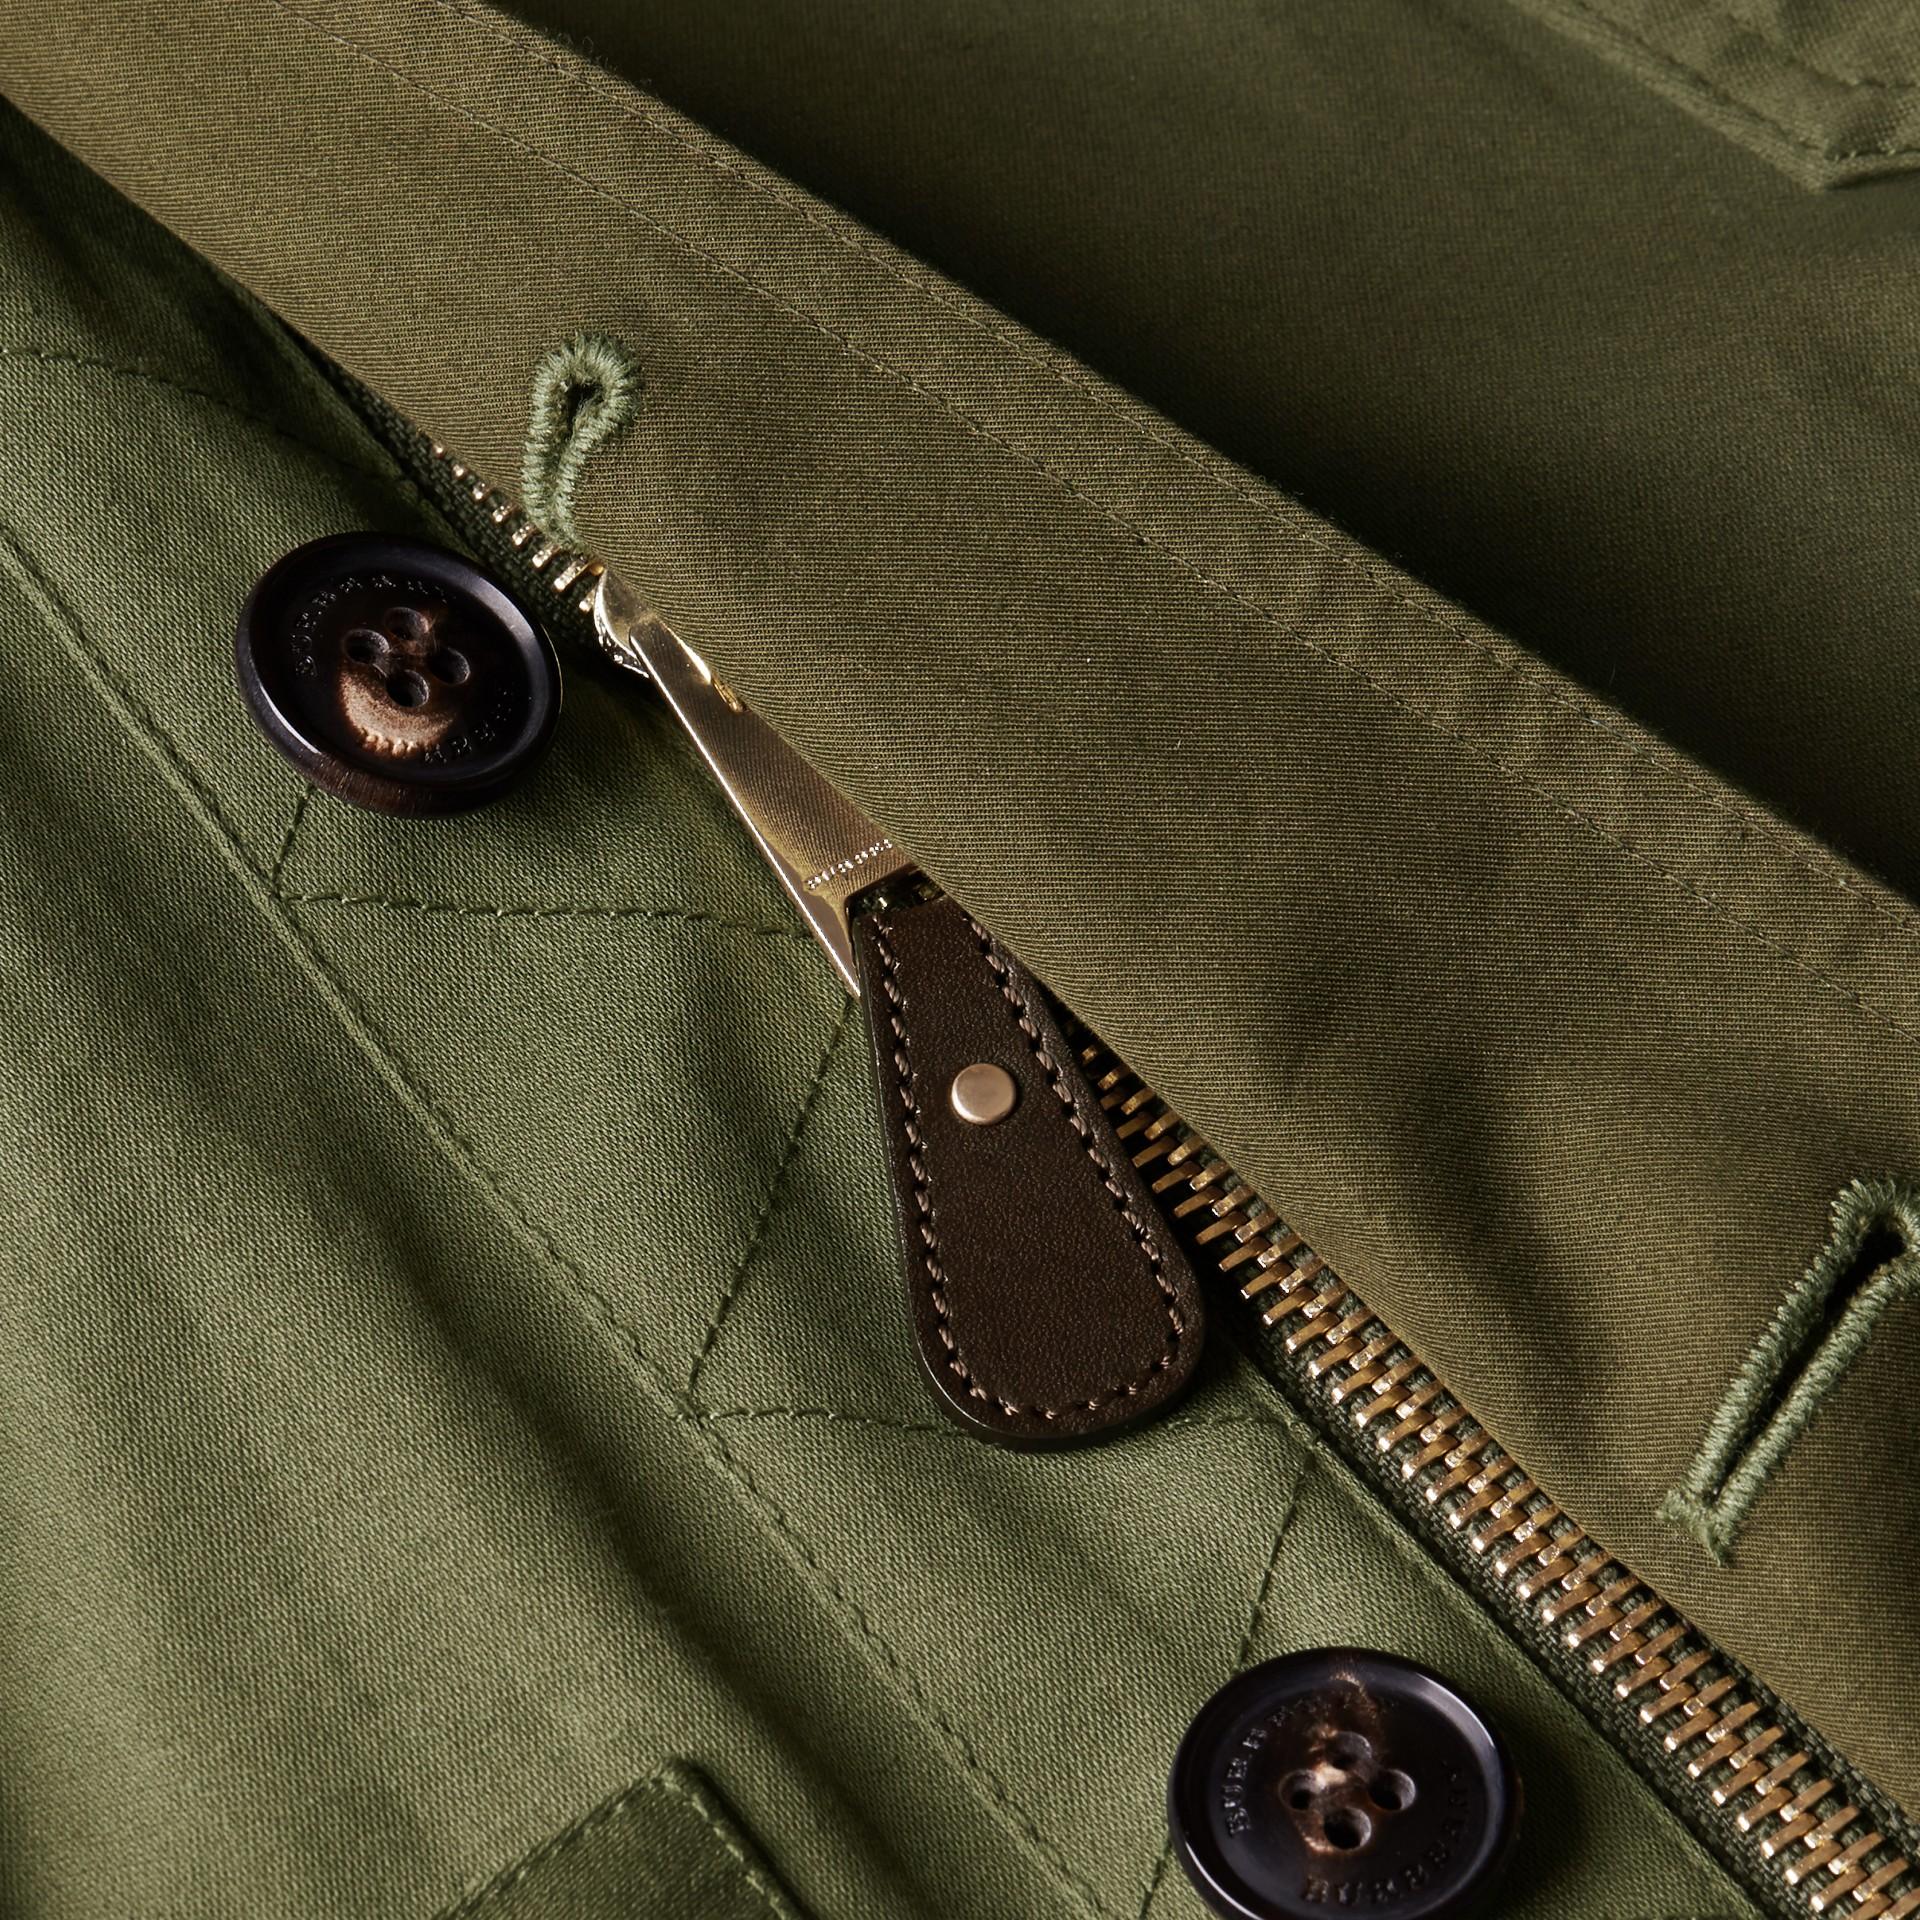 Verde oliva Jaqueta estilo militar de algodão com capuz - galeria de imagens 2